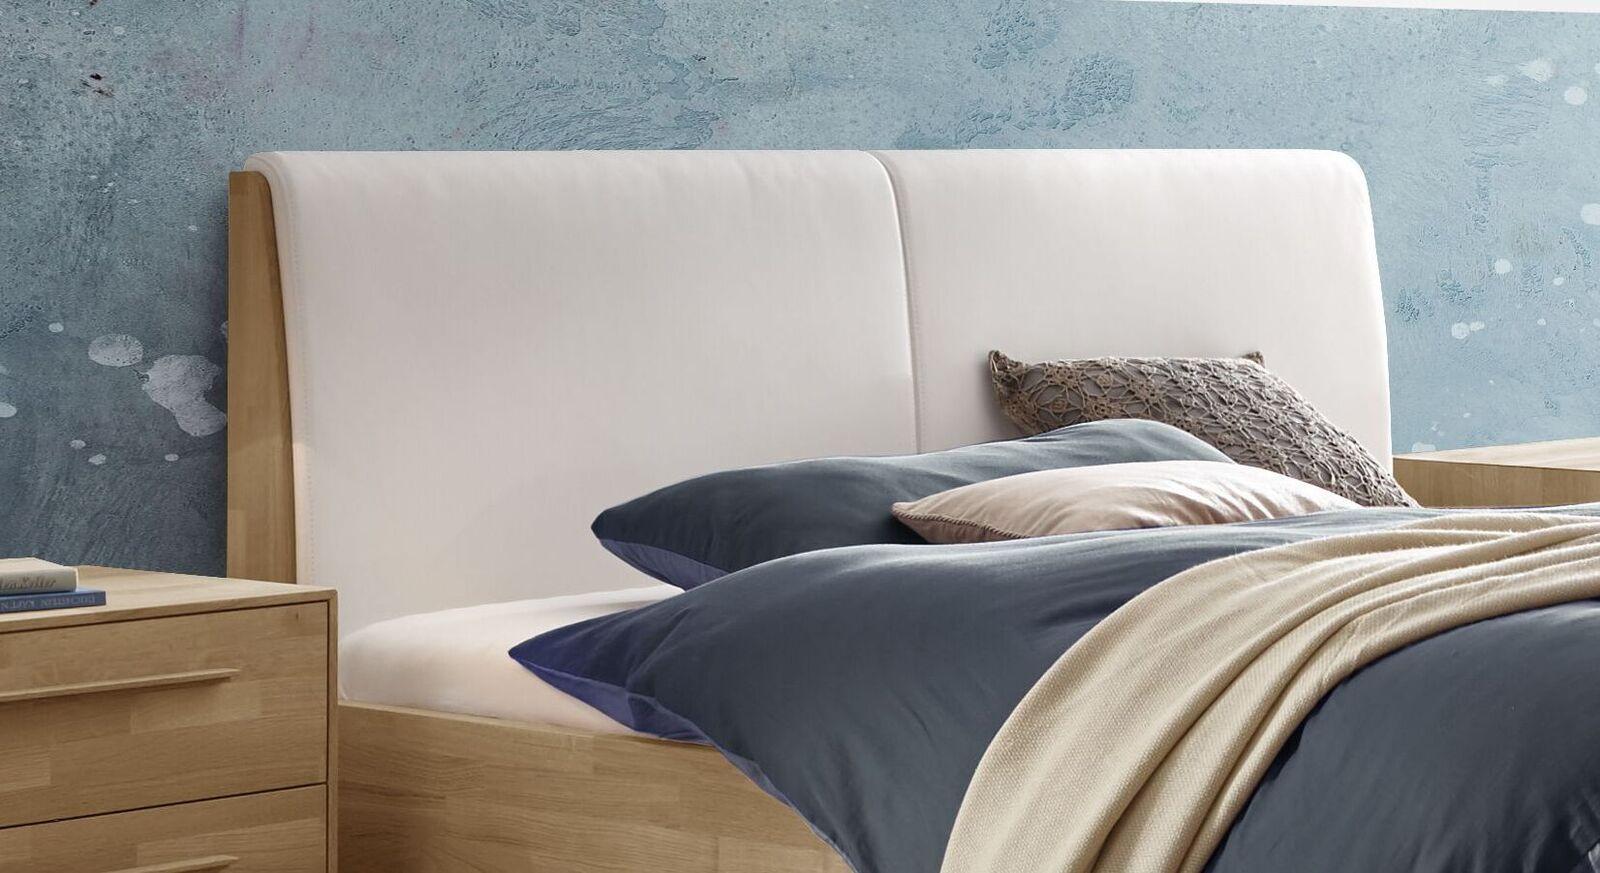 Bett Weronco mit Kopfteil aus Luxus-Kunstleder